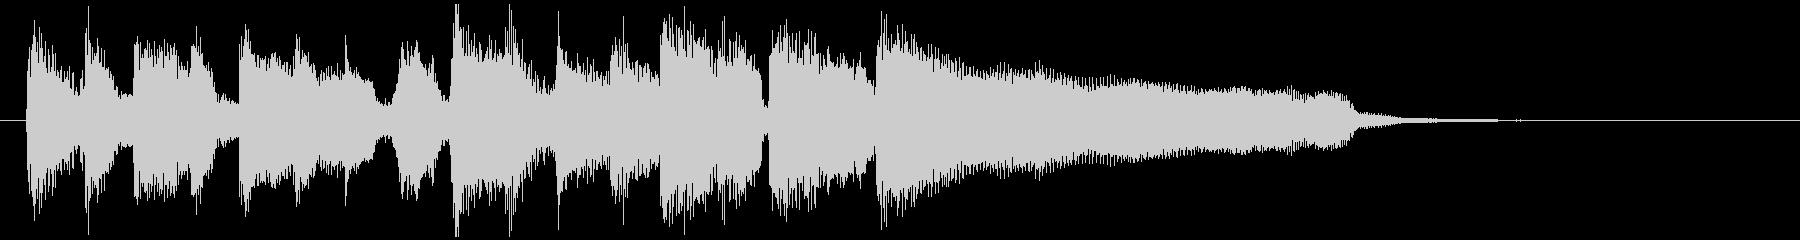 生音ディスコ系のスタイリッシュなジングルの未再生の波形